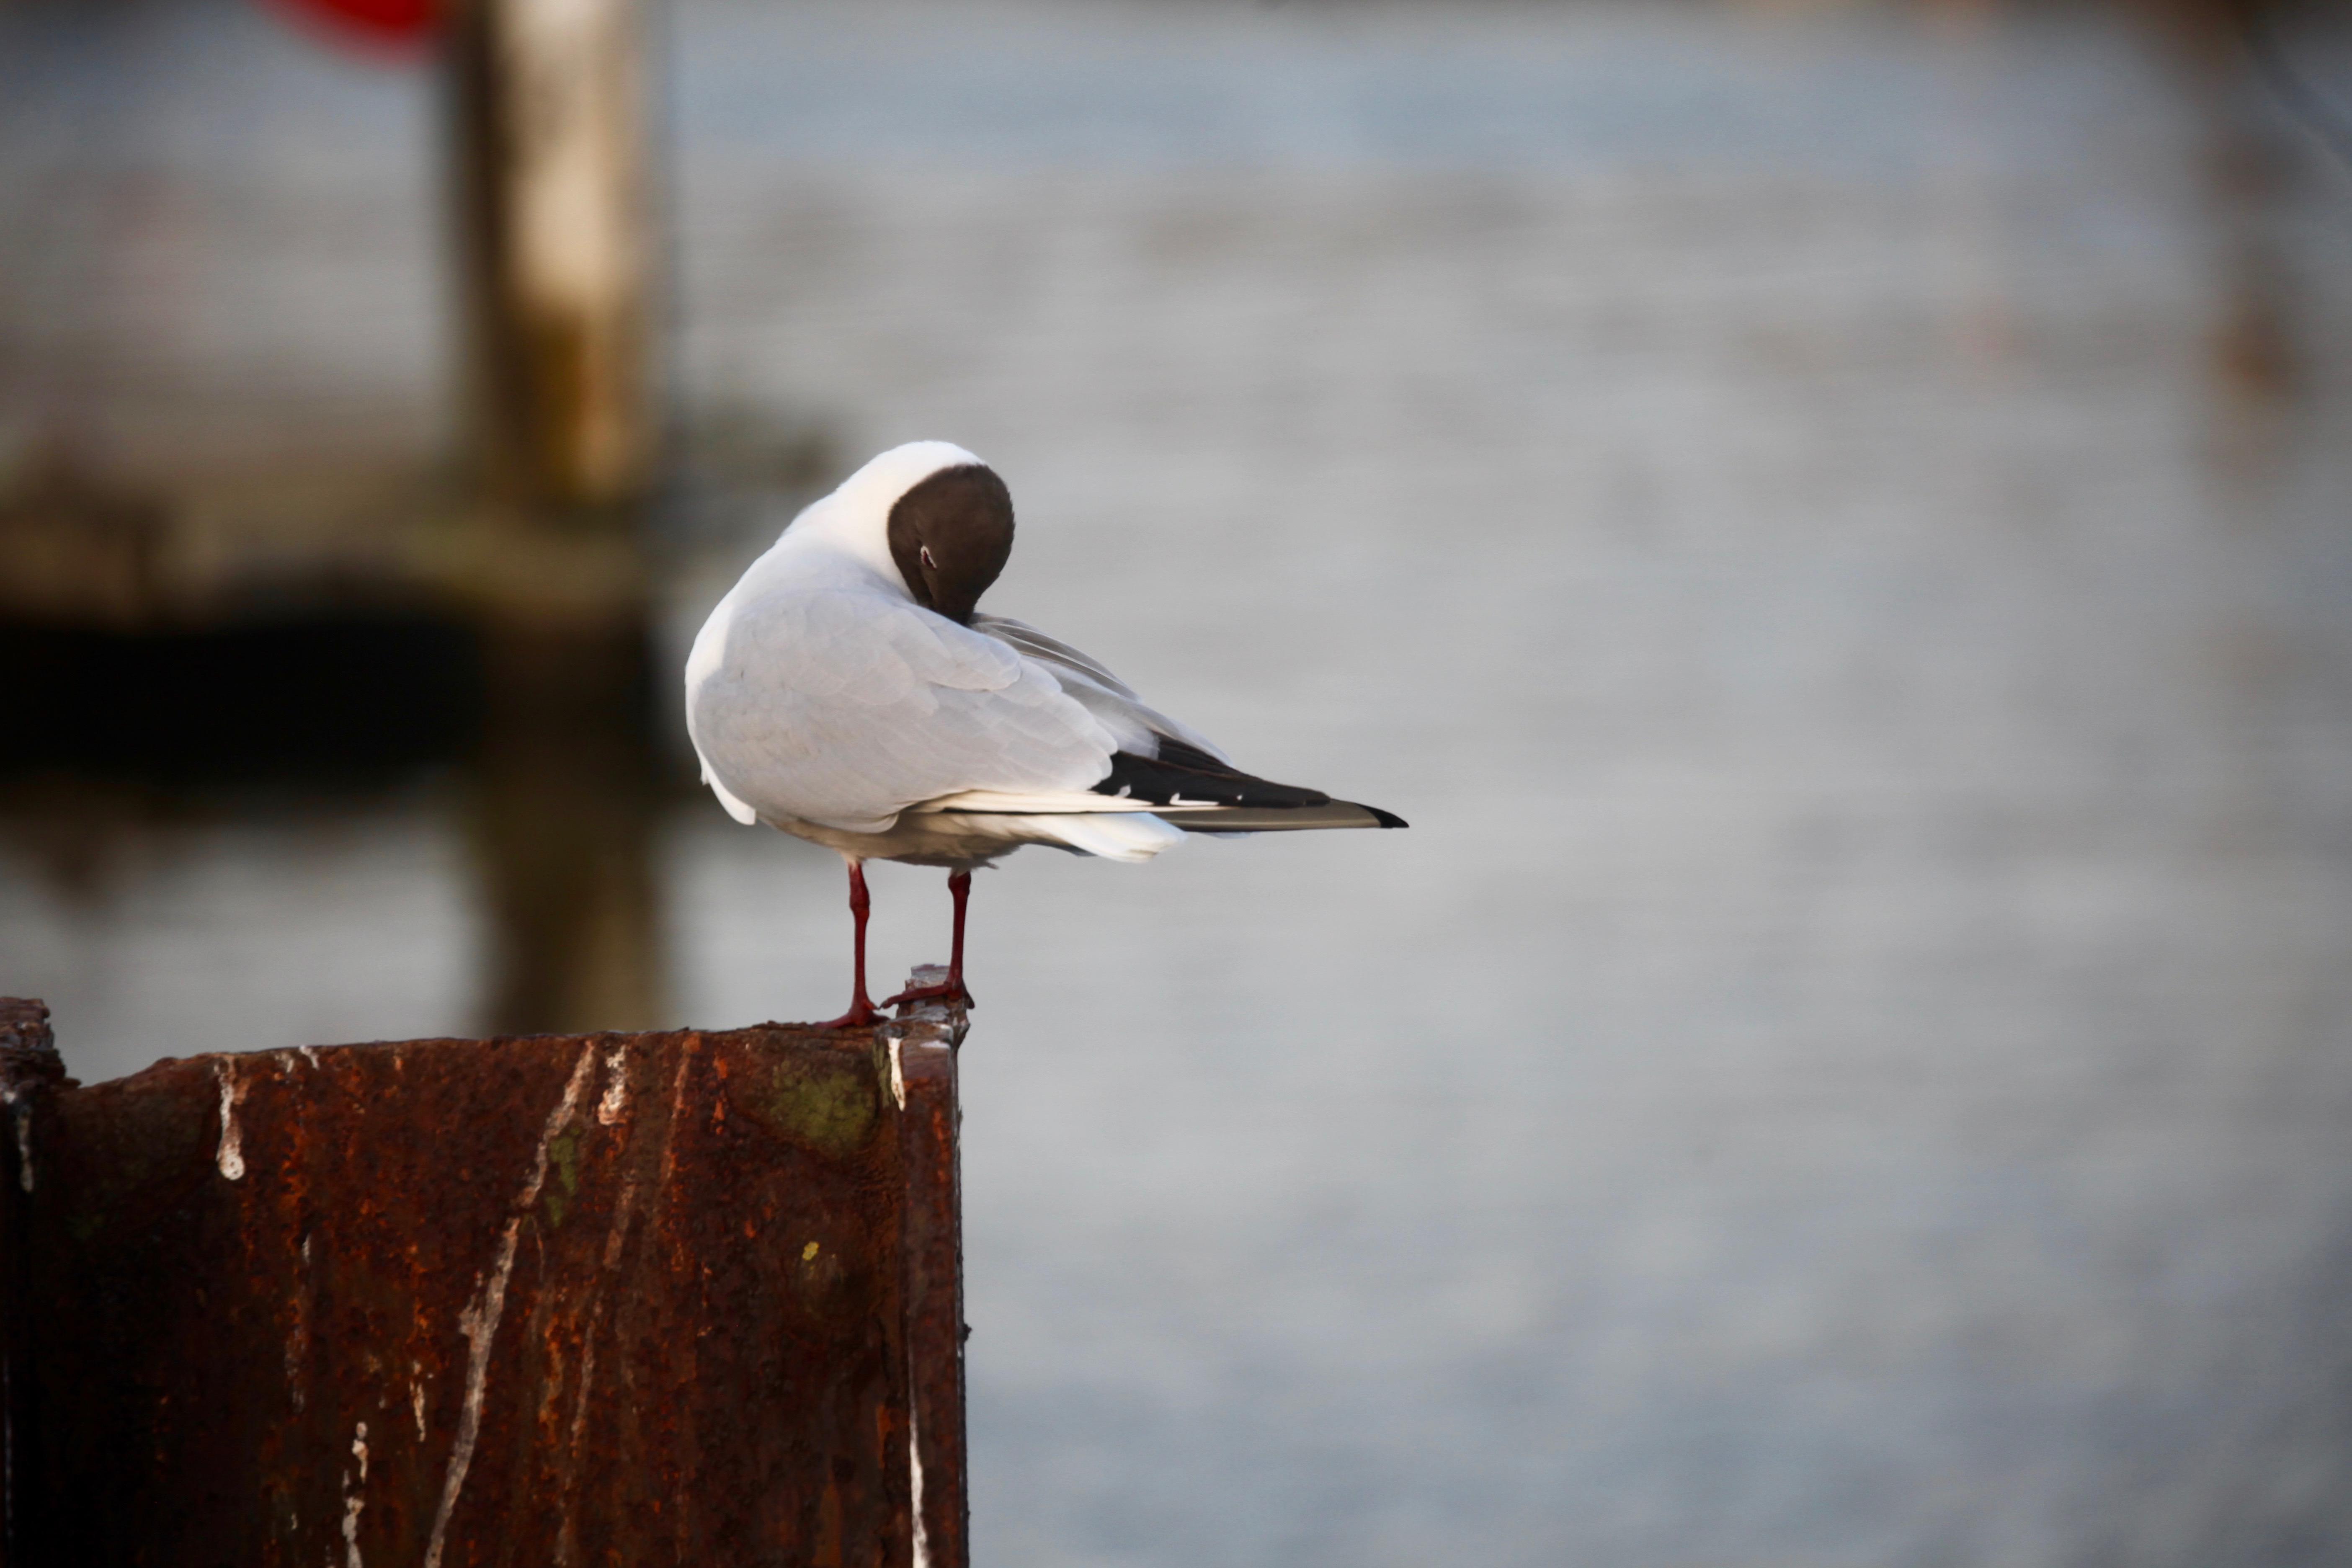 Black headed gull preening